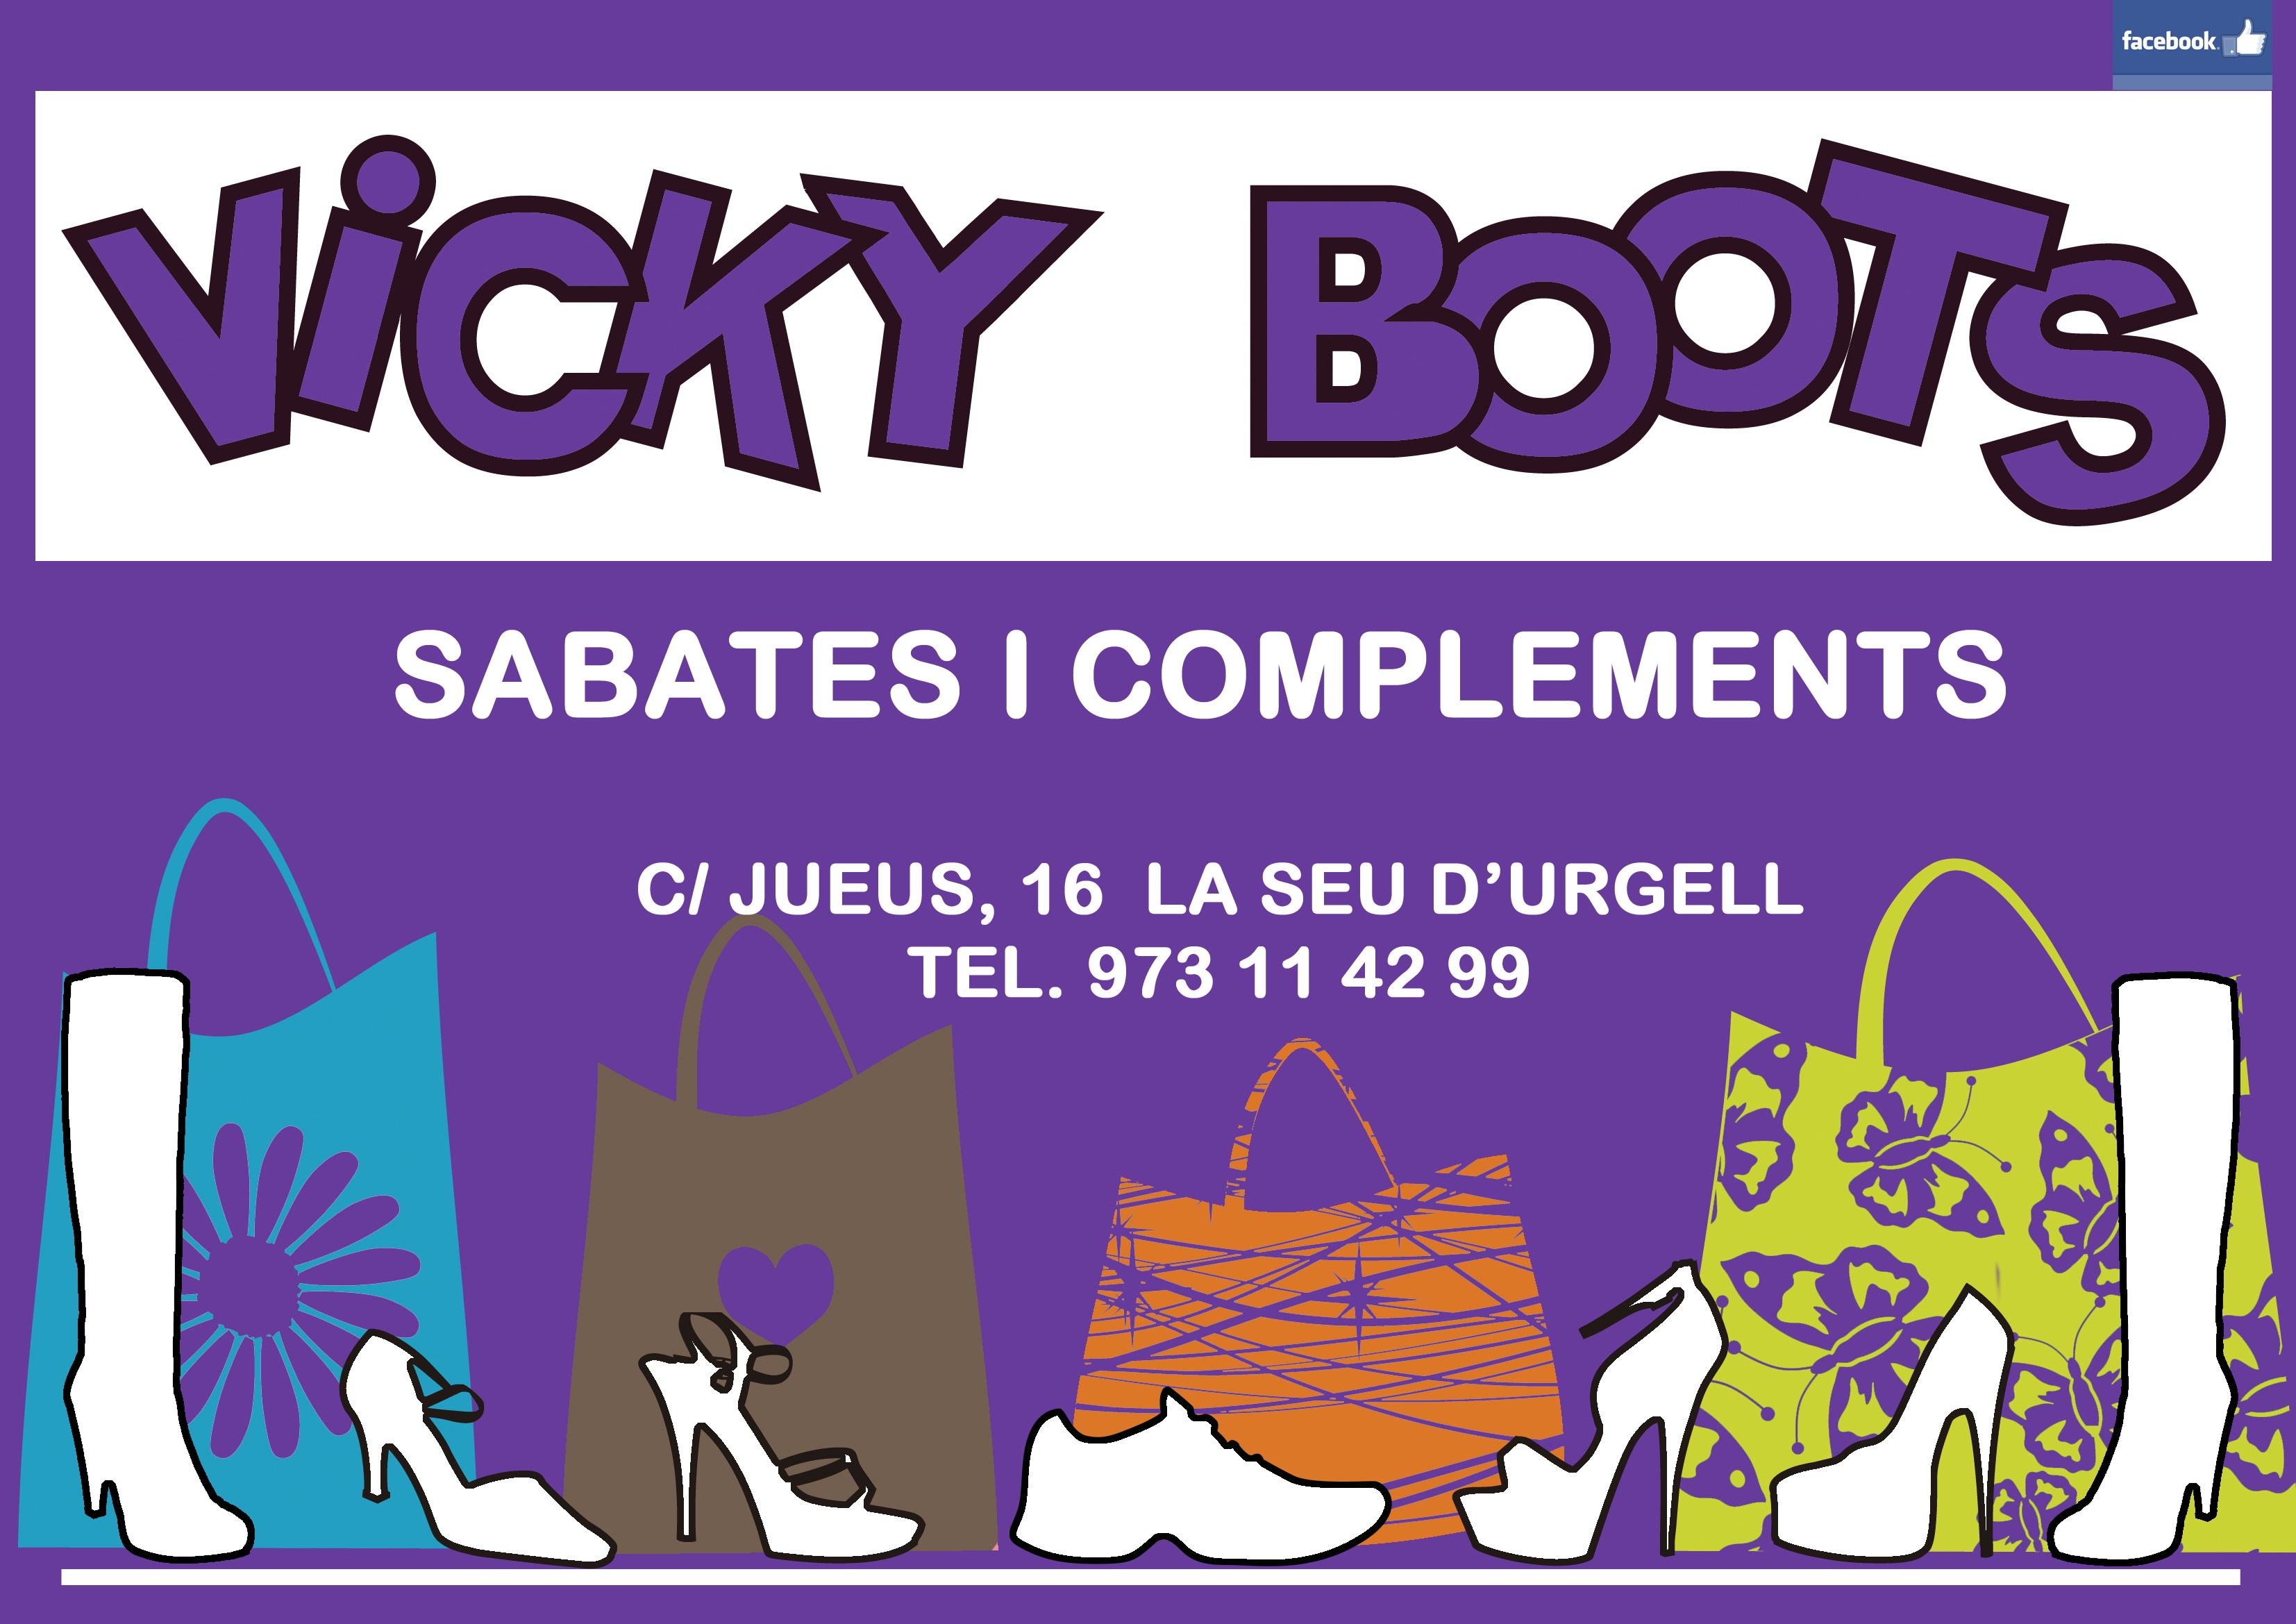 Logo comerç VICKY BOOTS